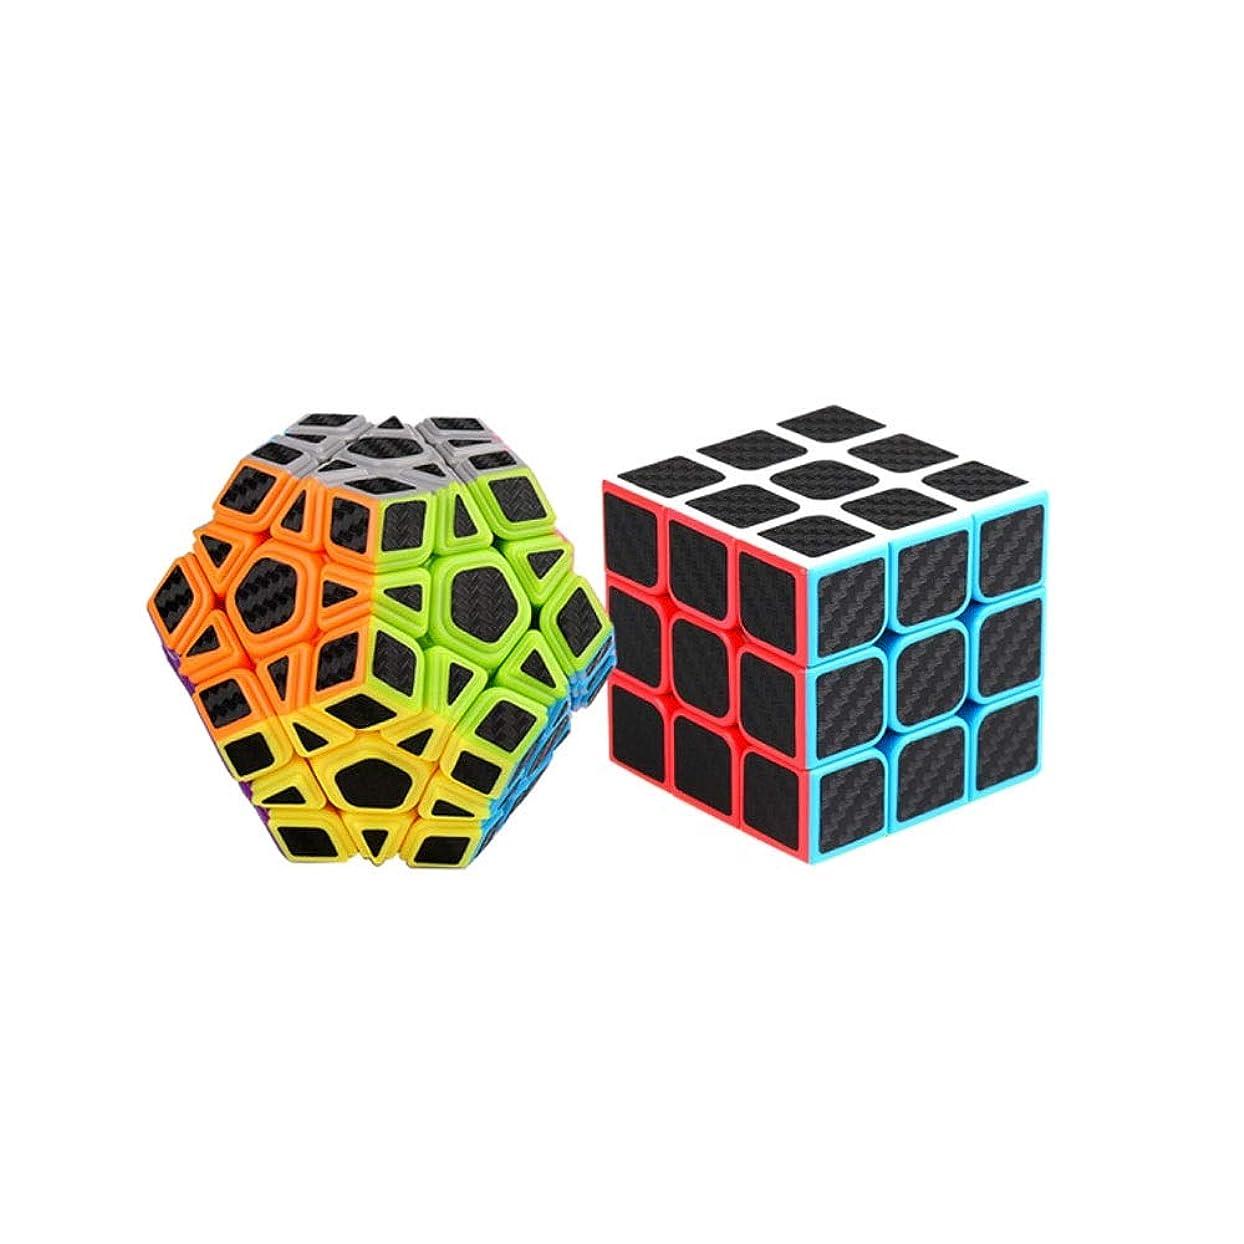 ドール強度博覧会Jinnuotong ルービックキューブ、スムーズな使用、スモールゲーム用ルービックキューブとして使用、使用が簡単(2パッケージ) エレガントで快適 (Edition : Pentagonal and third order)